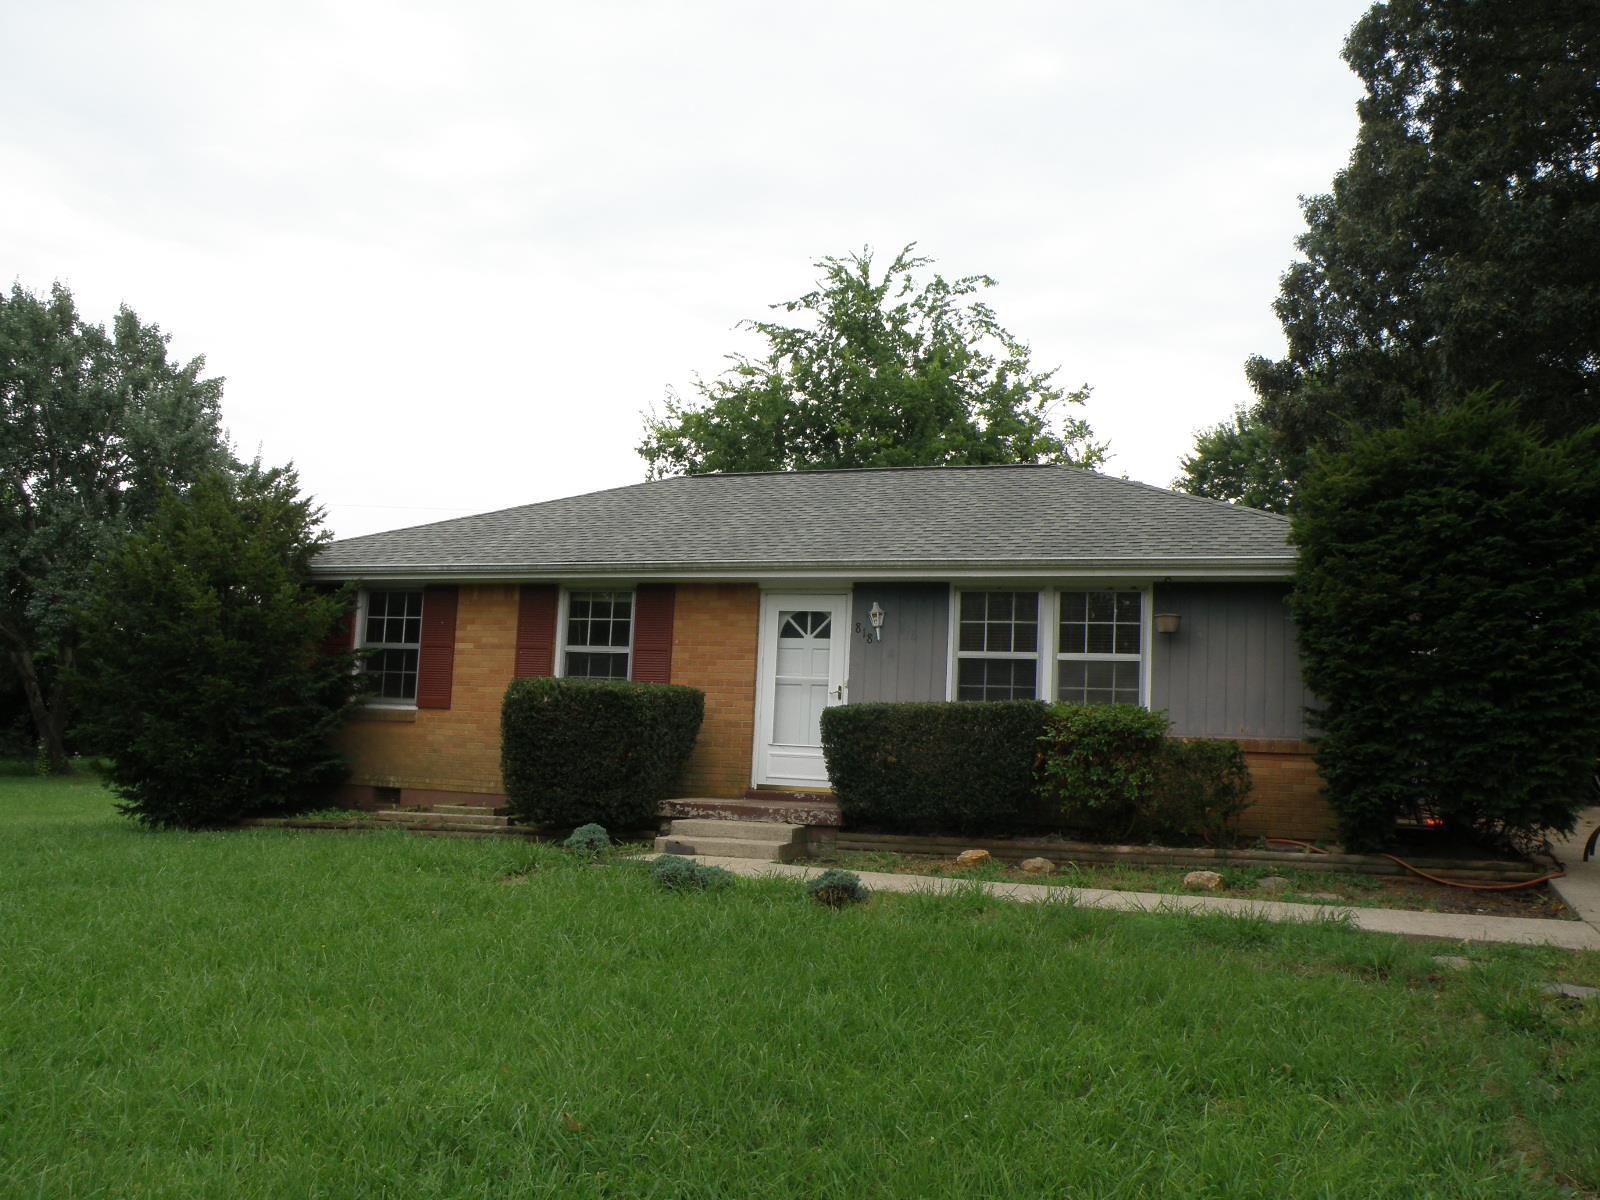 818 Garrettsburg rd, Clarksville, TN 37042